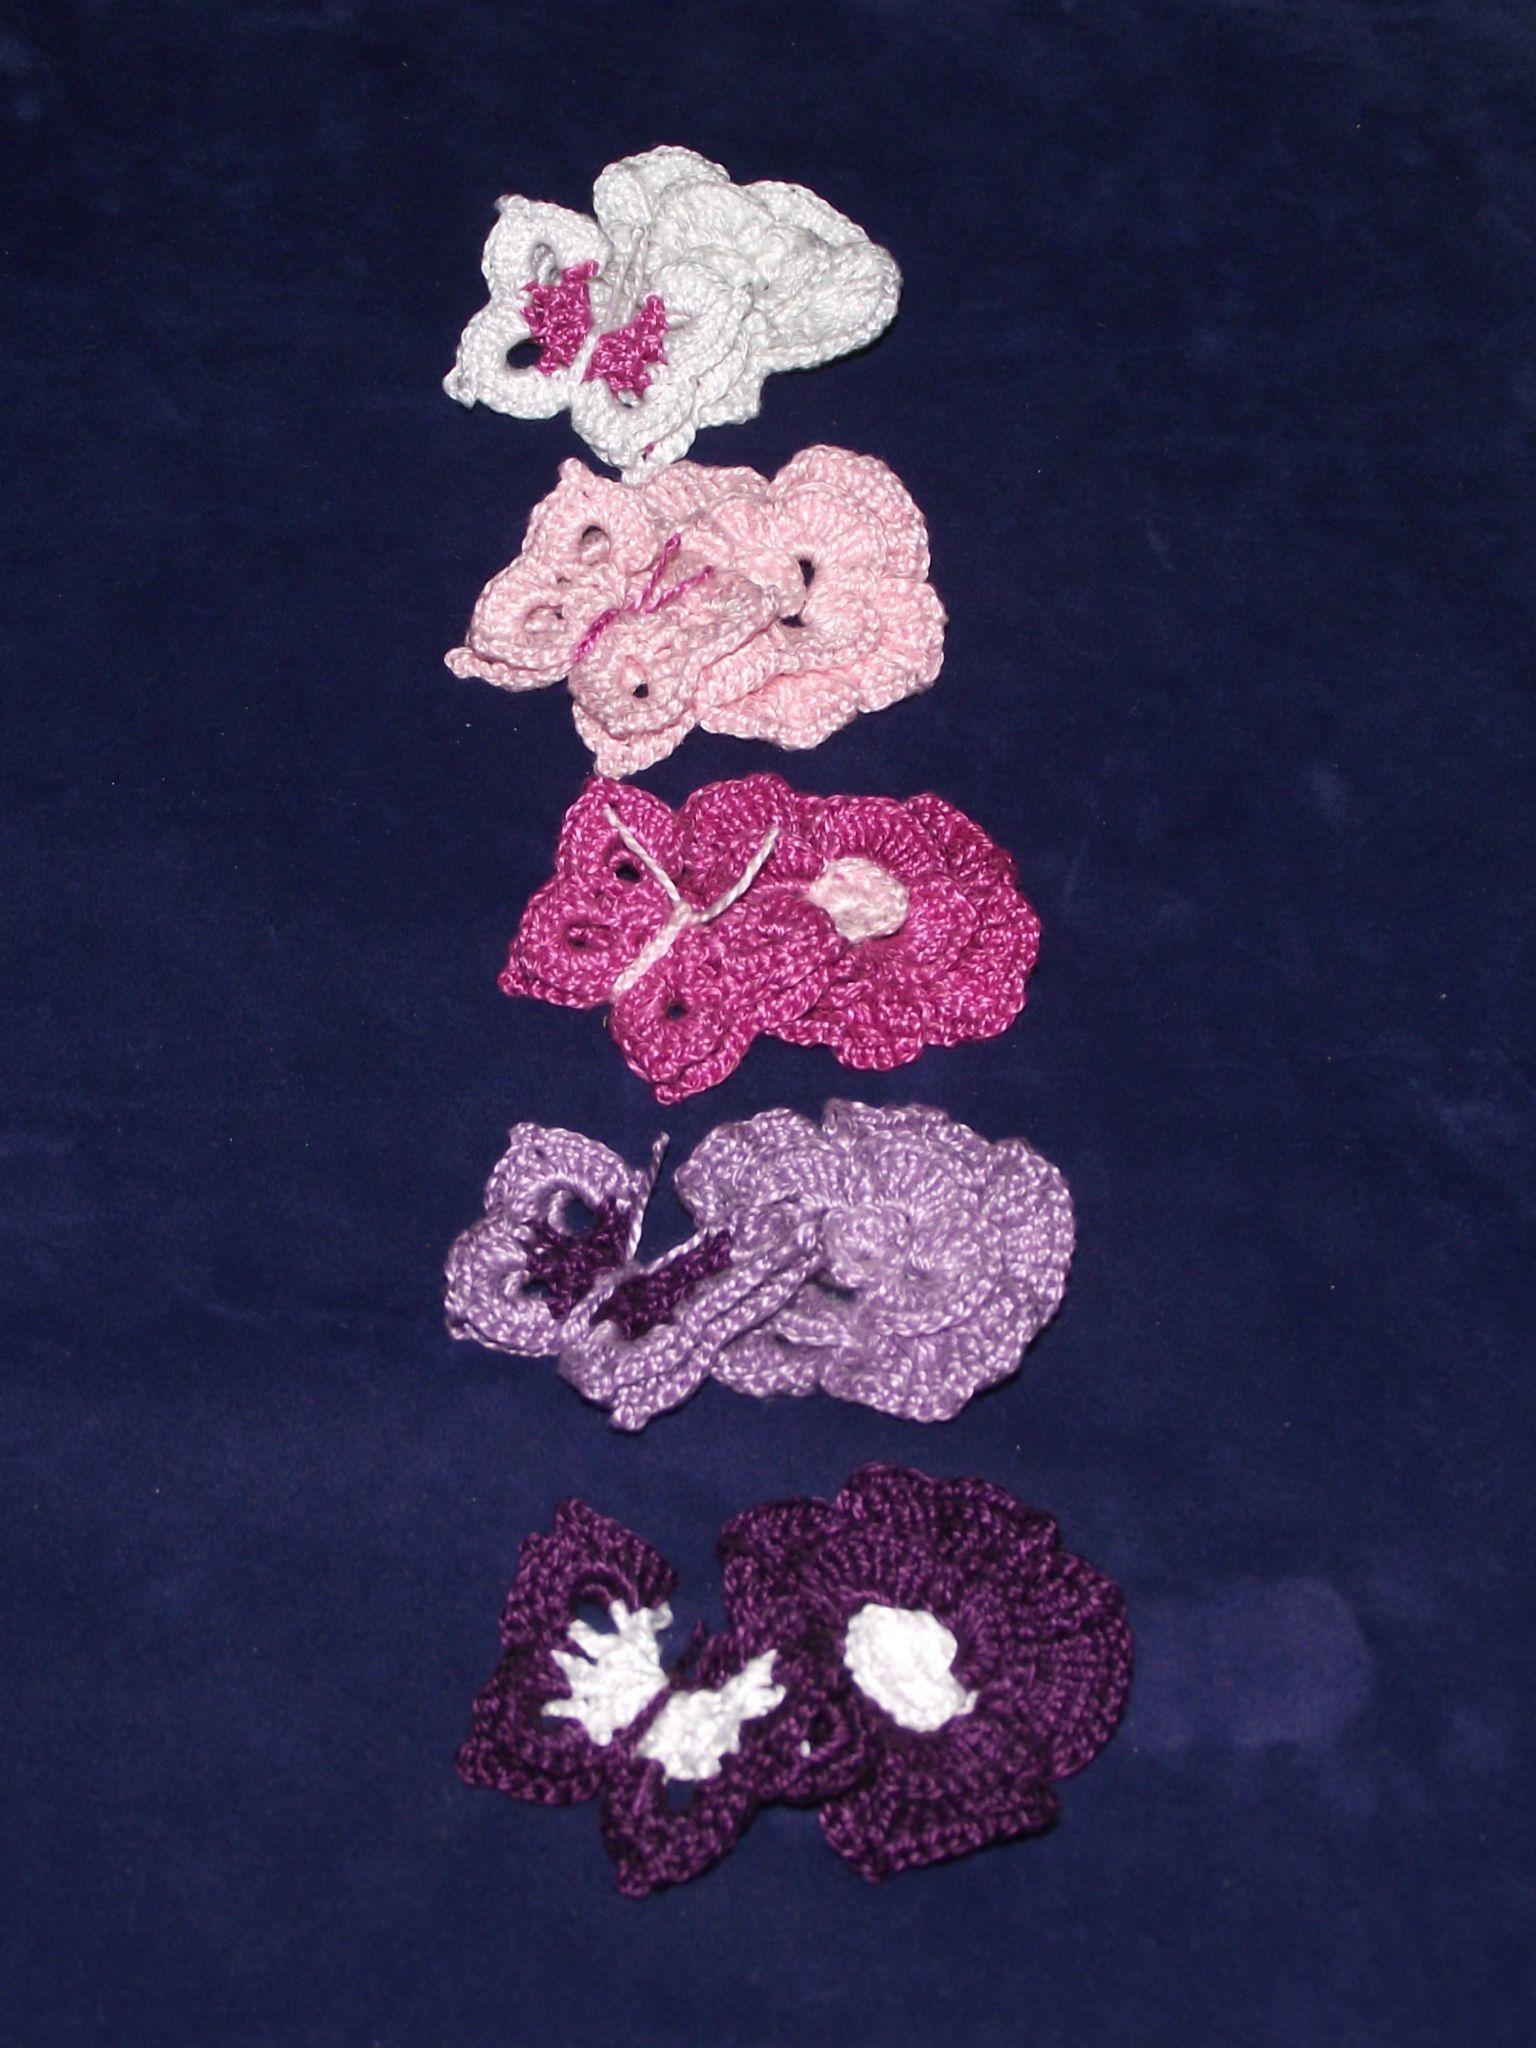 fleurs et papillons au crochet blanc rose violet 12